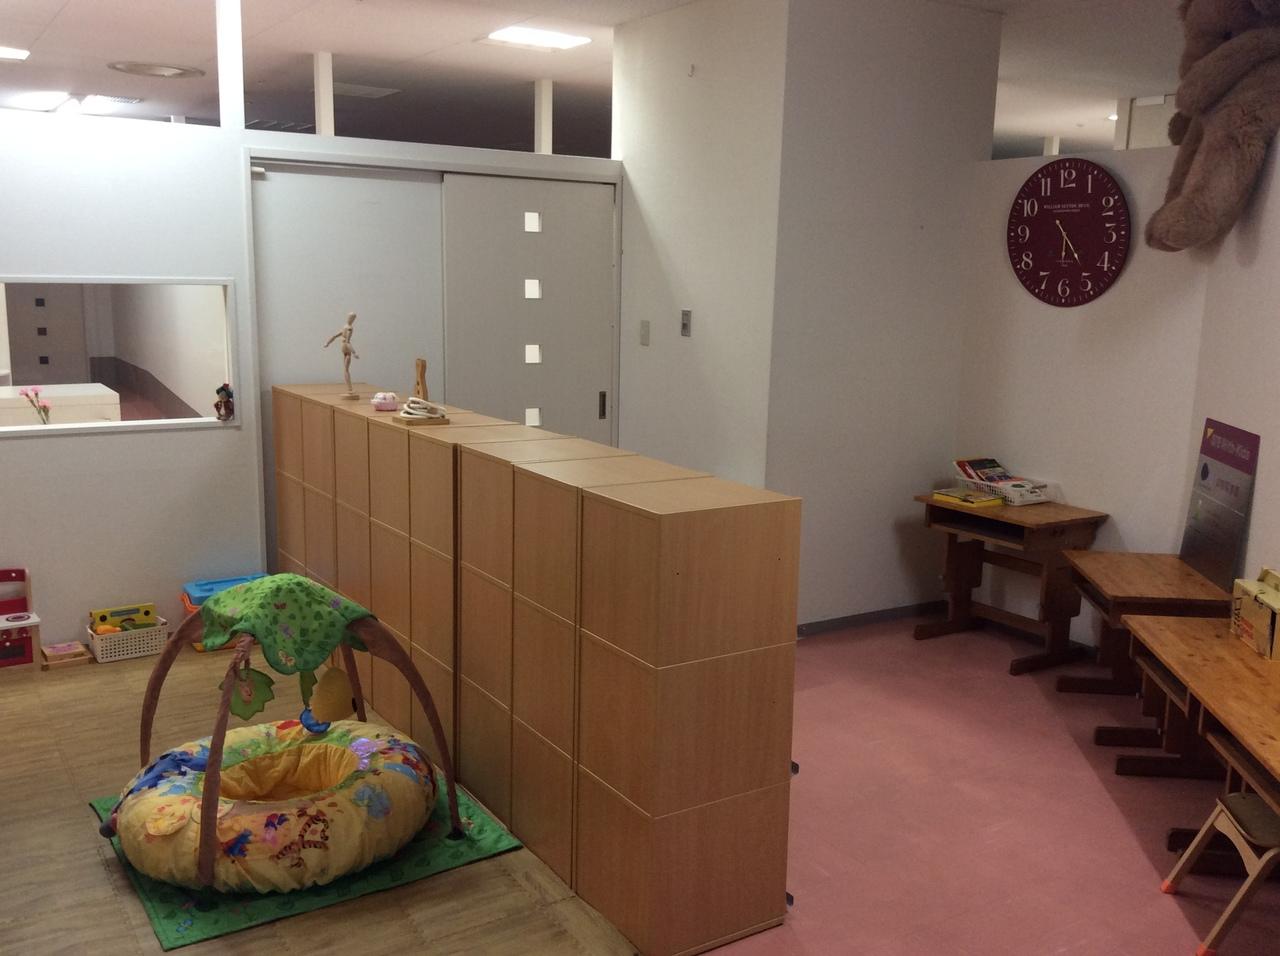 明るく解放感ある 託児スペース【貸し切り60分4,000円、 50㎡:最大10名(対象:0~5歳位のお子様)】